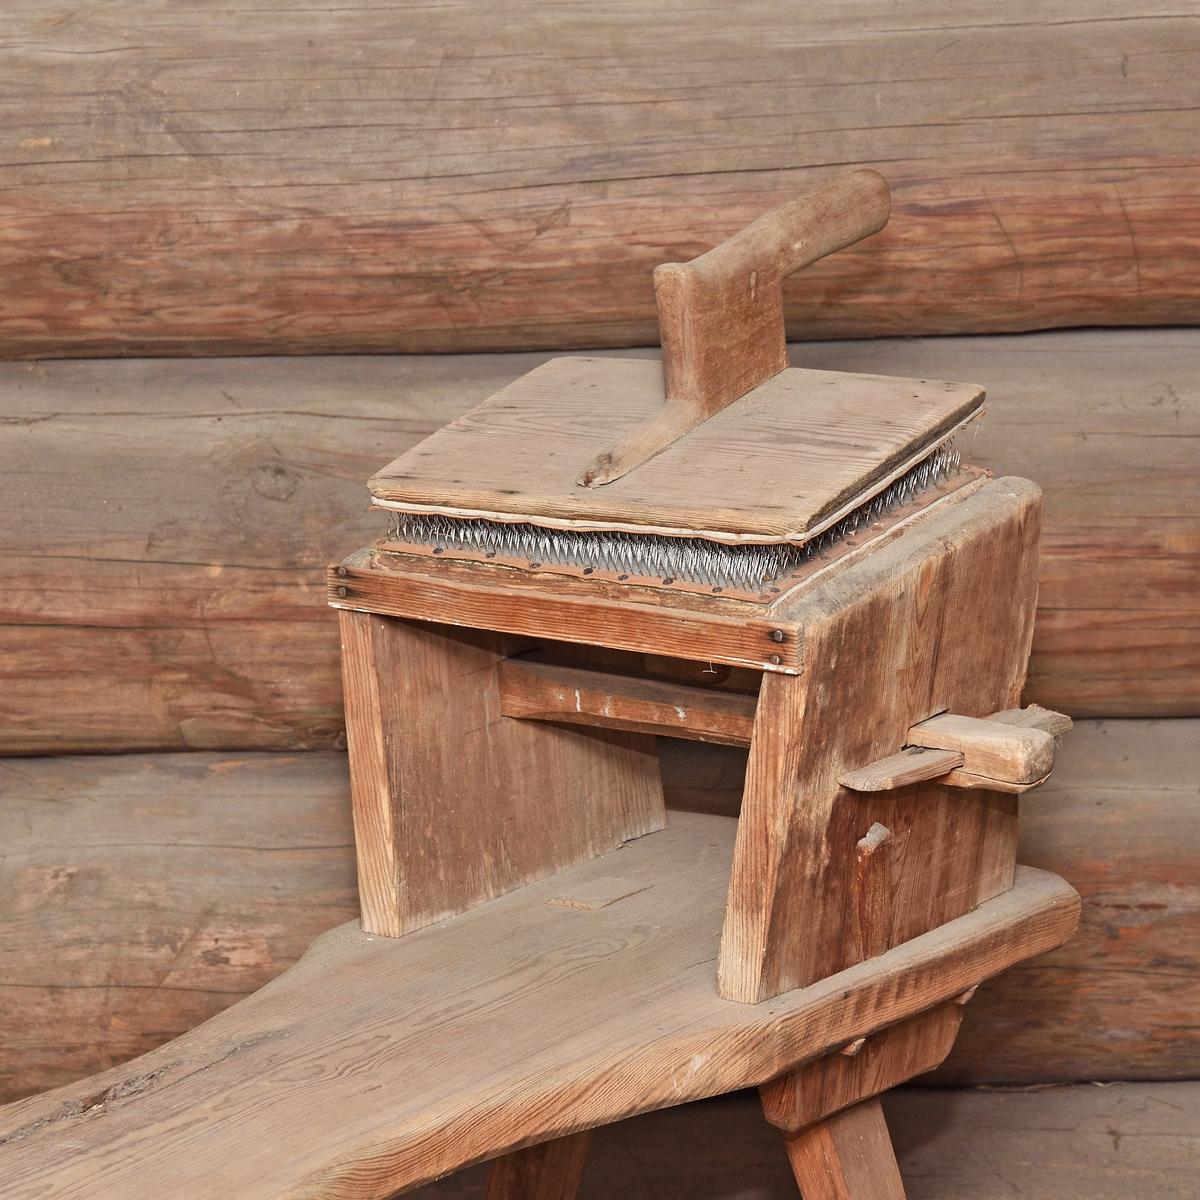 Kardbänk av furu, bestående av bänk (A), med kardstativ samt kardor (B) och (C) med metalldelar. Kardorna kan lossas från stativet.